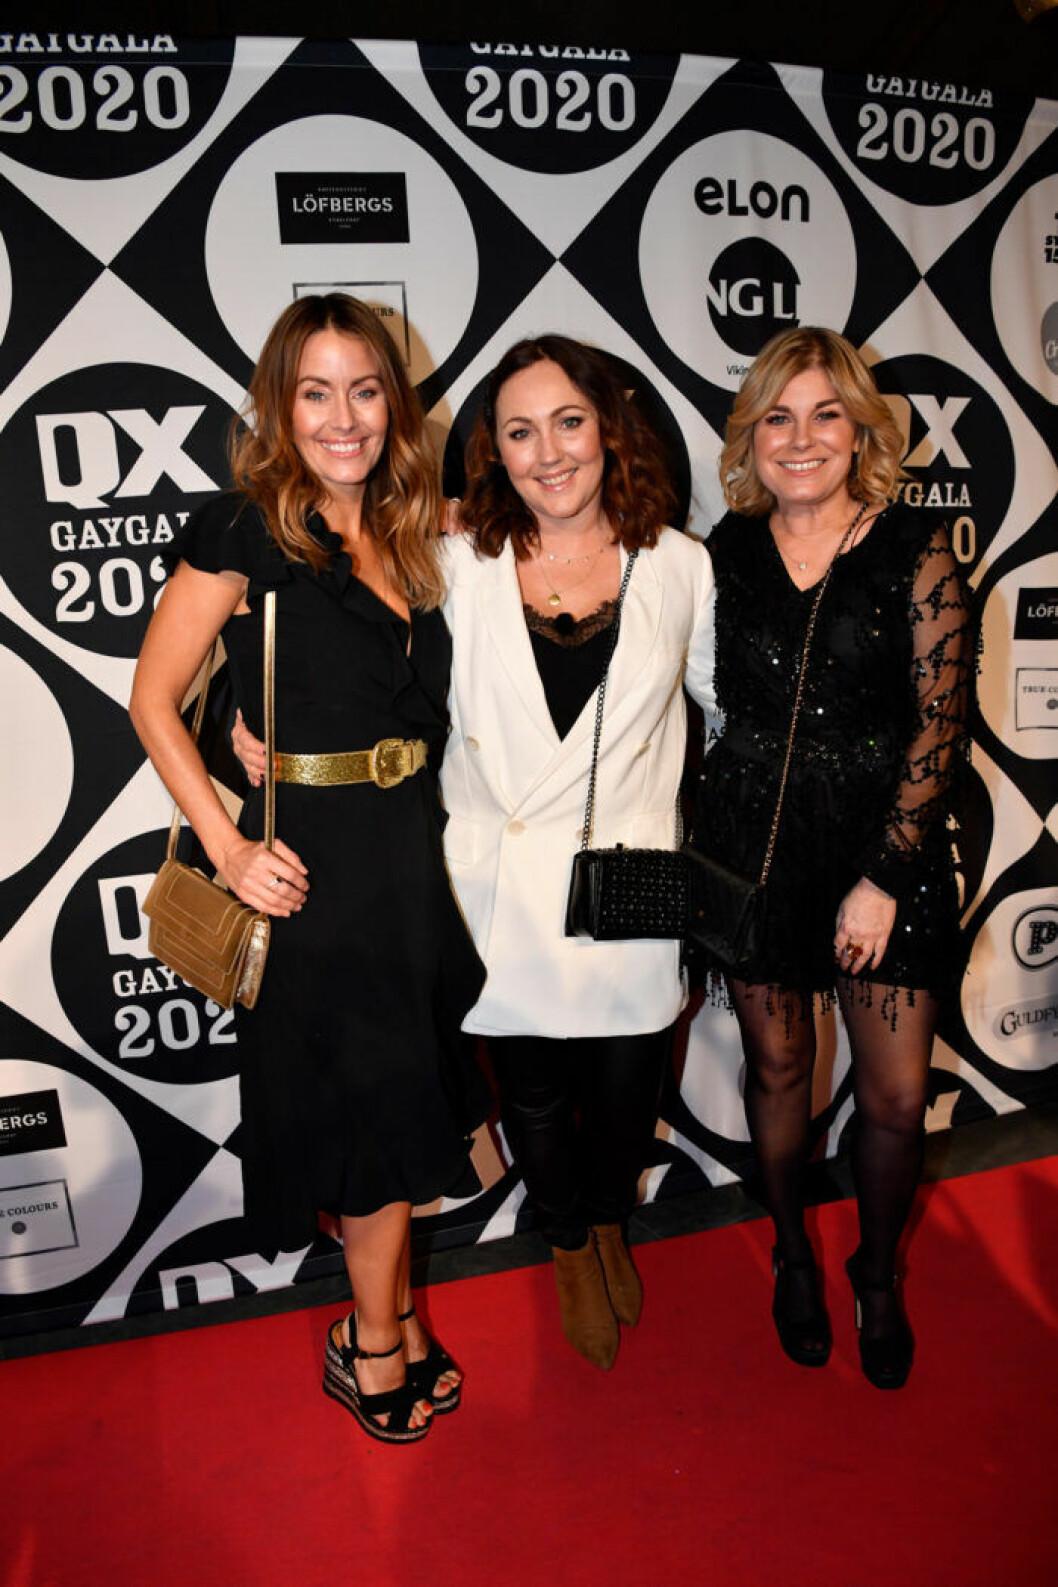 Jessica Wahlgren, Hanna Hedlund och Pernilla Wahlgren på röda mattan på QX-galan 2020